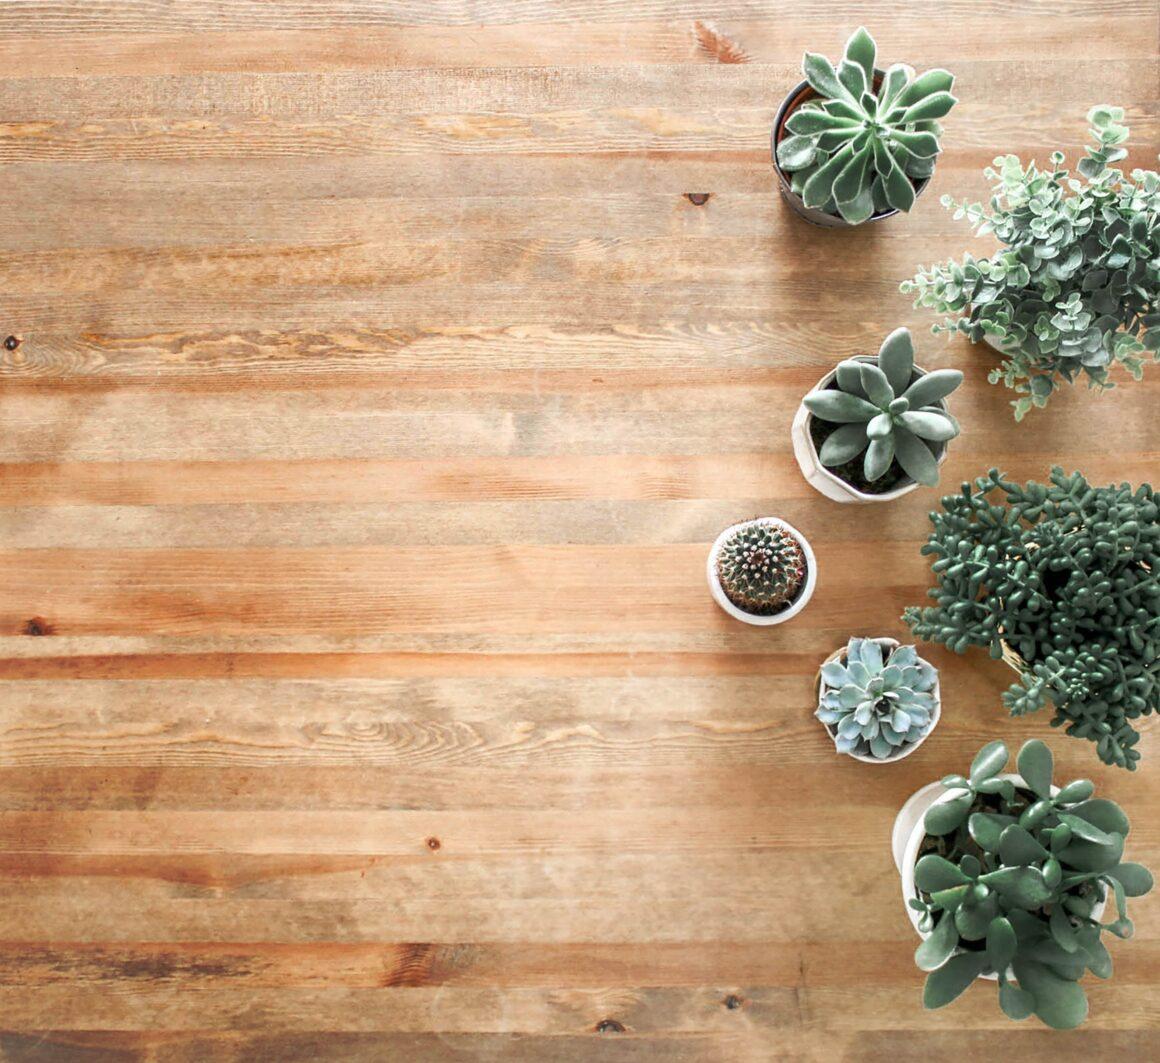 Основы фен-шуй: 5 простых советов, как преобразить ваш дом